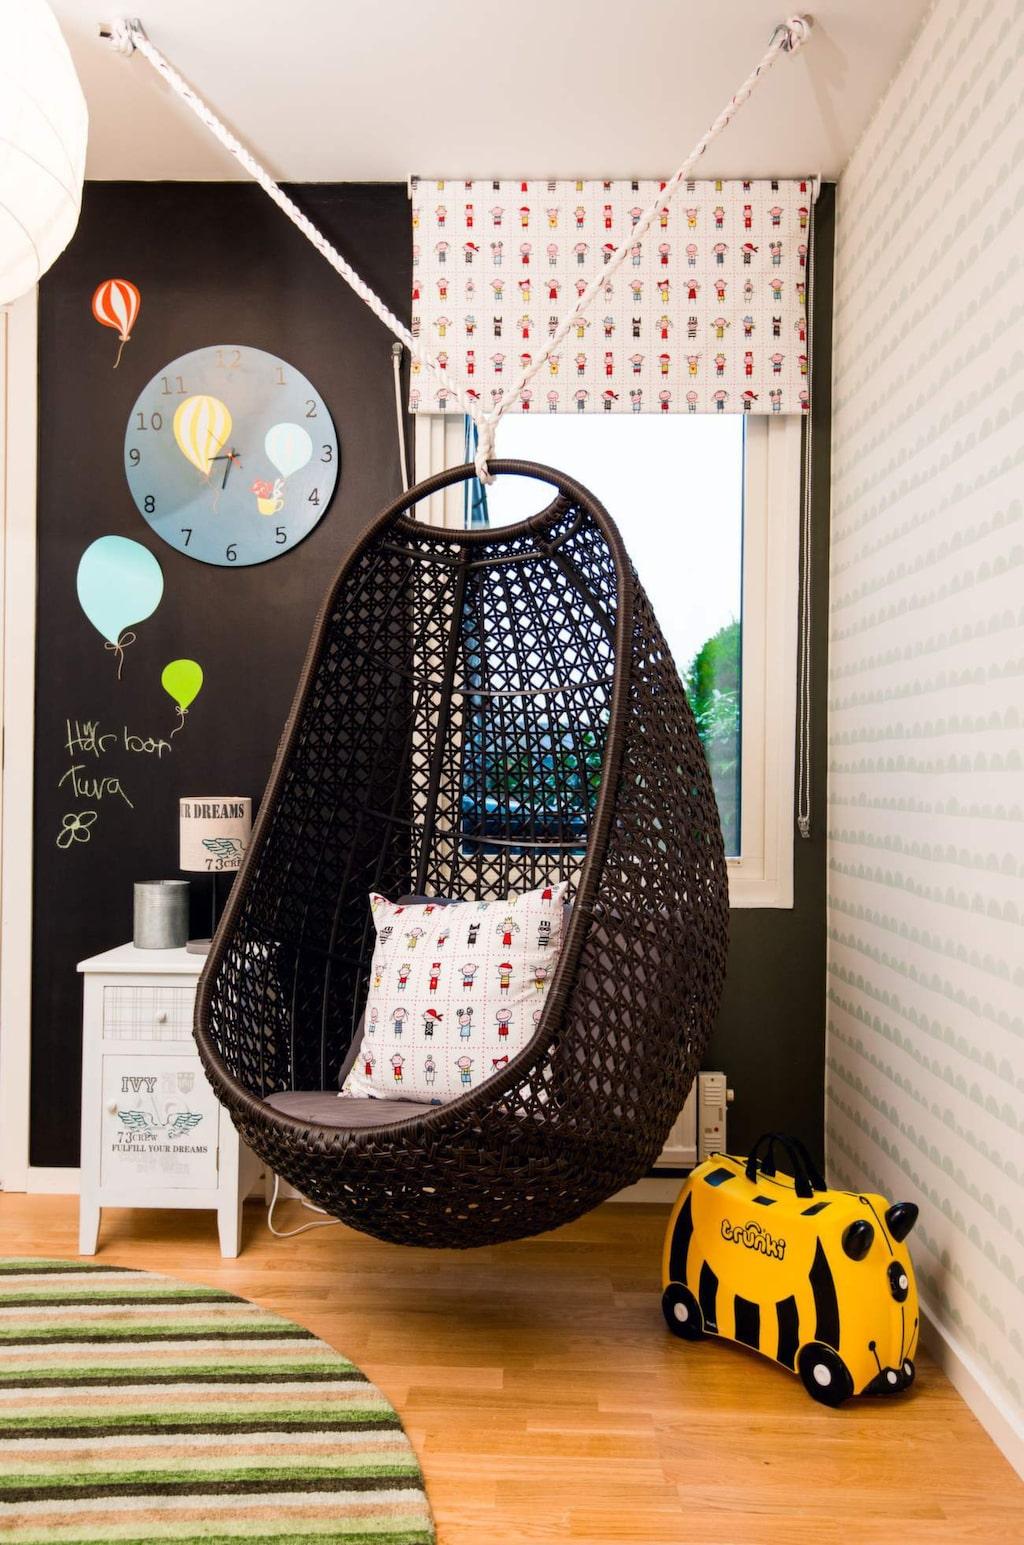 <p>Plats för mys. Hängstol, Balkongshoppen. Rullgardin och kudde, Busungar, Färg &amp; form. Sängbord, Kids concept. Matta, Carpetvista.</p>